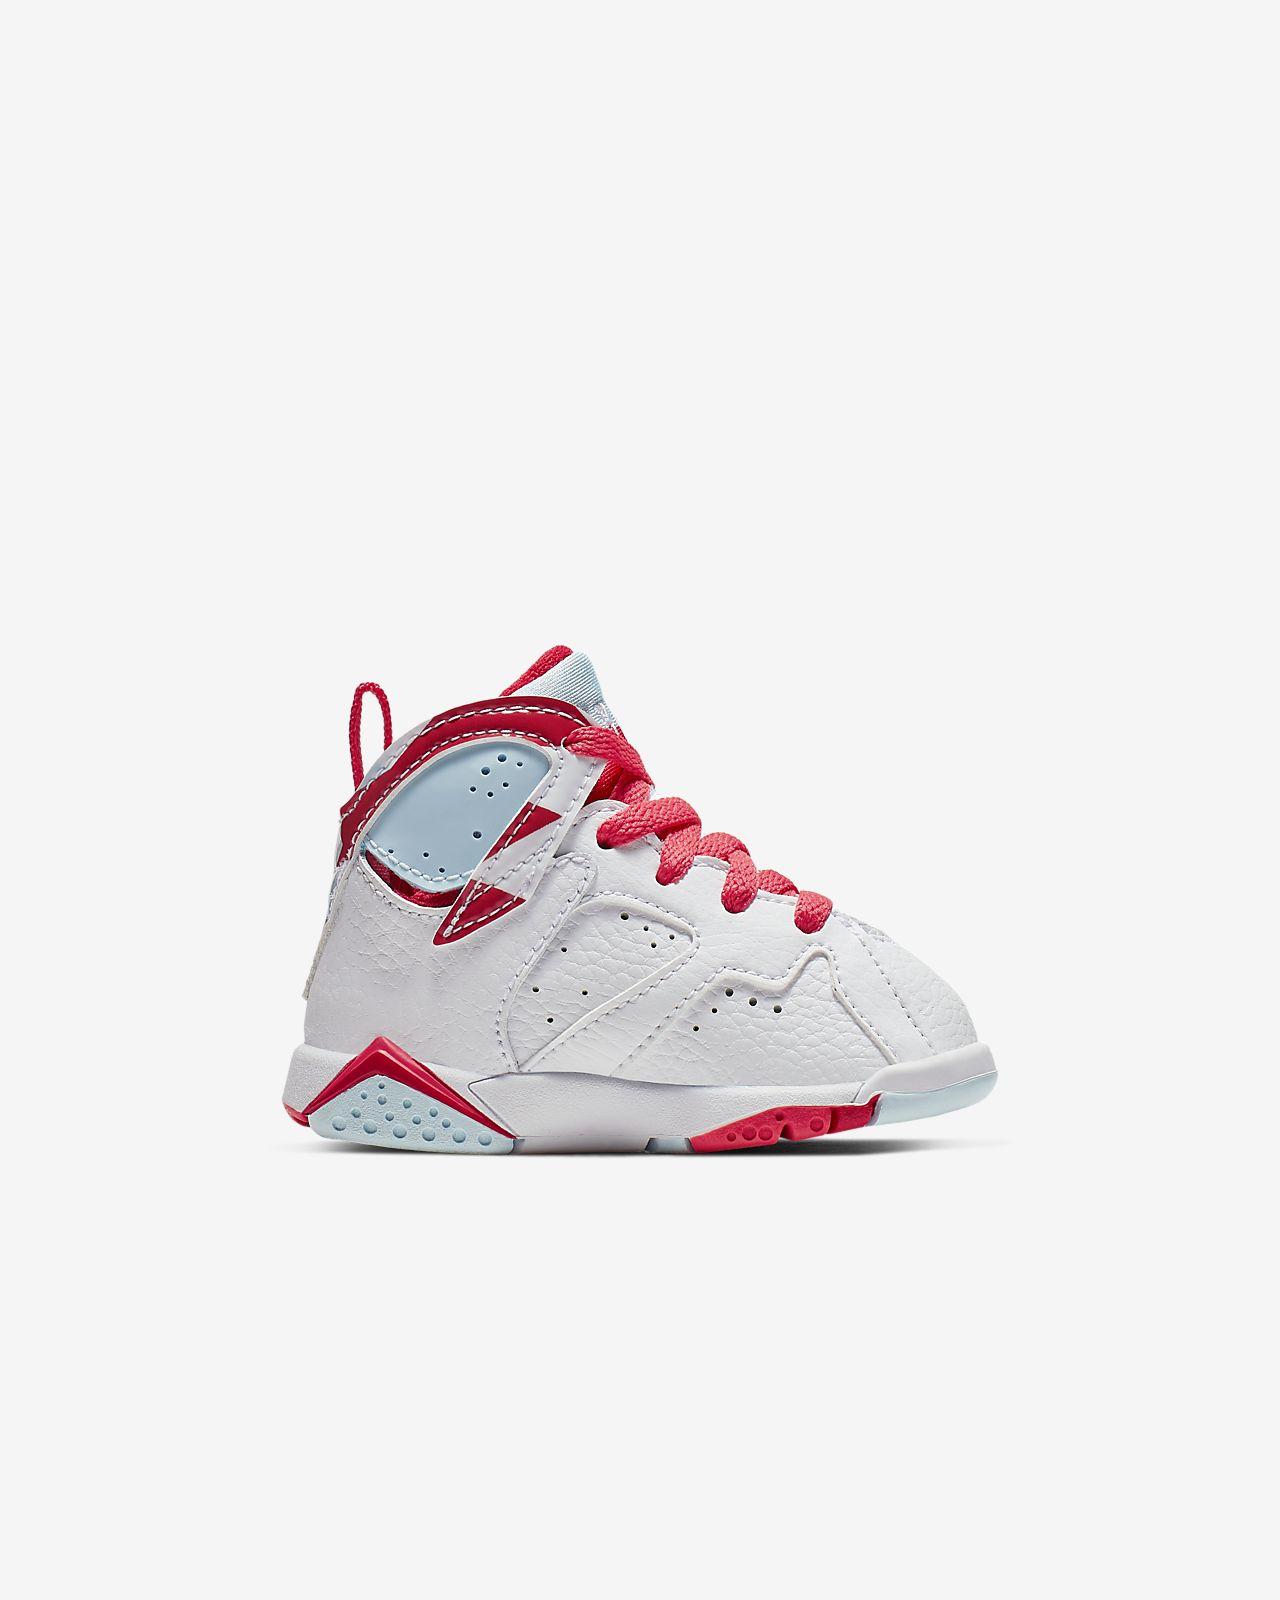 1cf5099cae9 Air Jordan 7 Retro 30th (2c-10c) Infant/Toddler Girls' Shoe. Nike.com